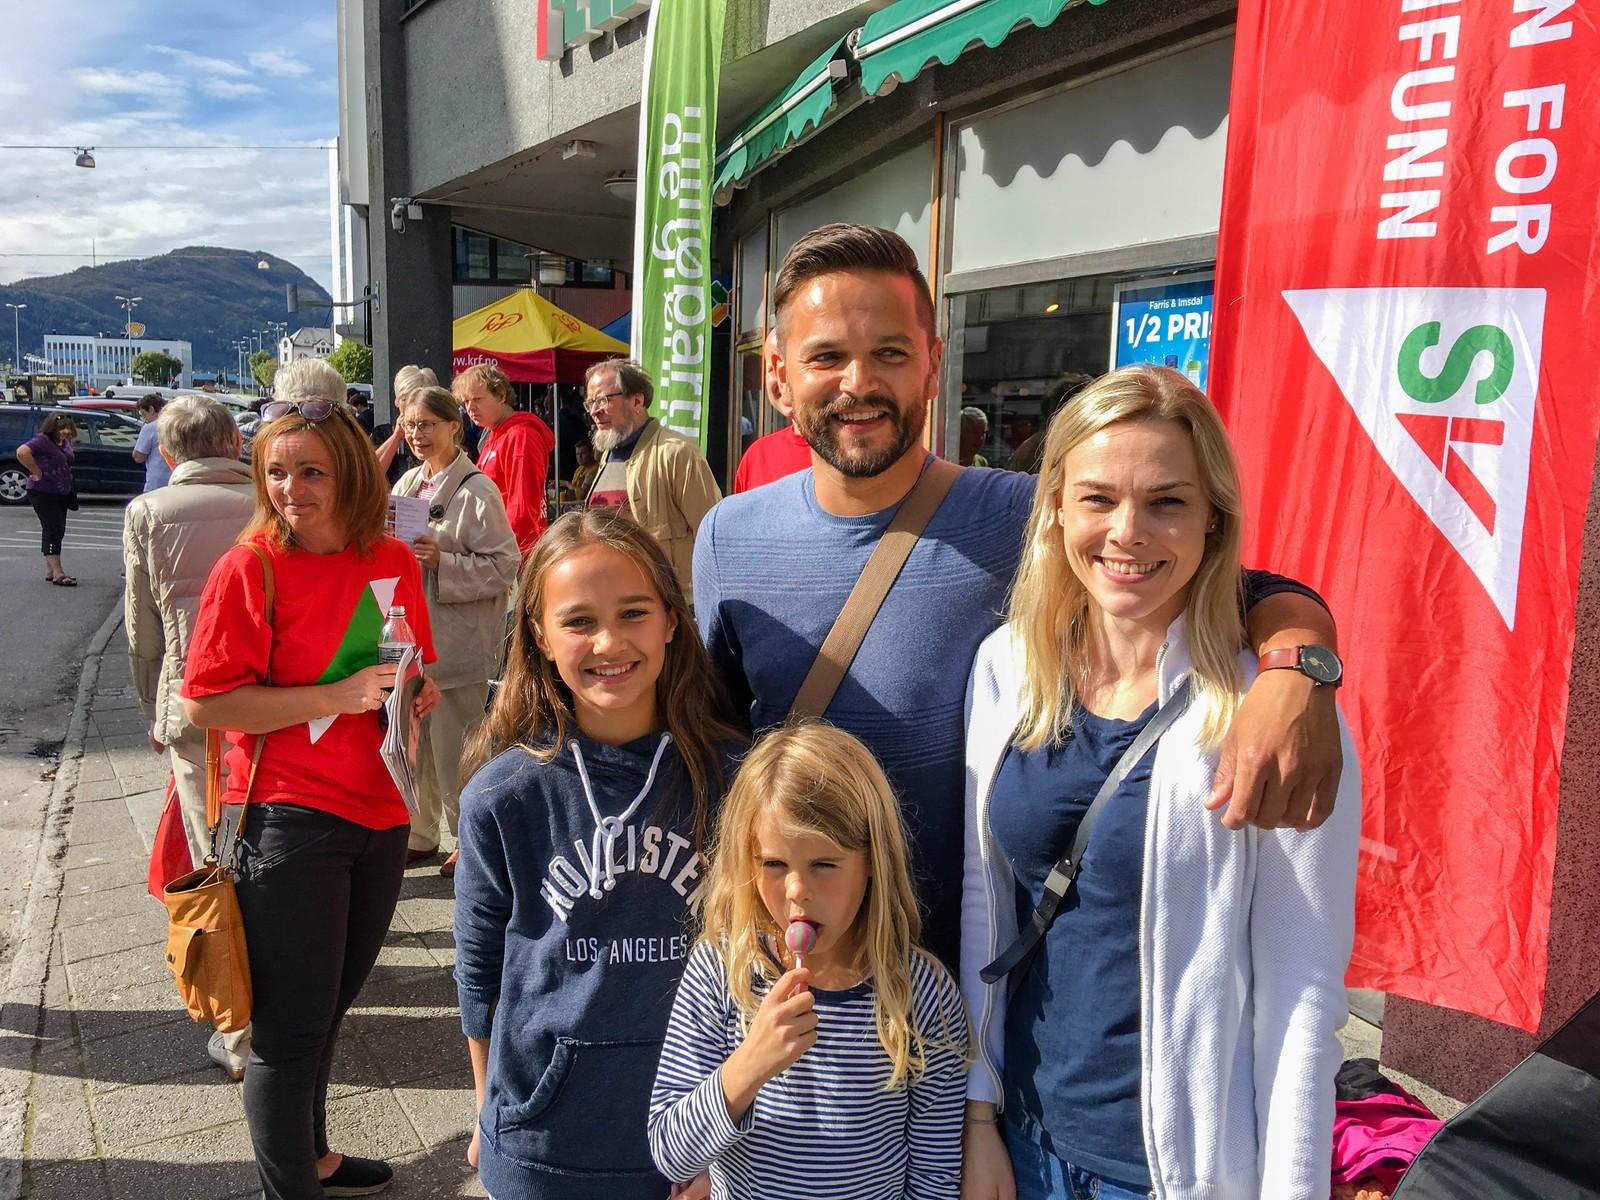 Mange Ålesundere tok enn runde innom valgbodene ved Korsatunellen for å få den siste informasjonen før de skulle gå og stemme på mandag. Fra venstre: Linnea Holen Jansson, Kai Åge Jansson og Cecilie Jansson